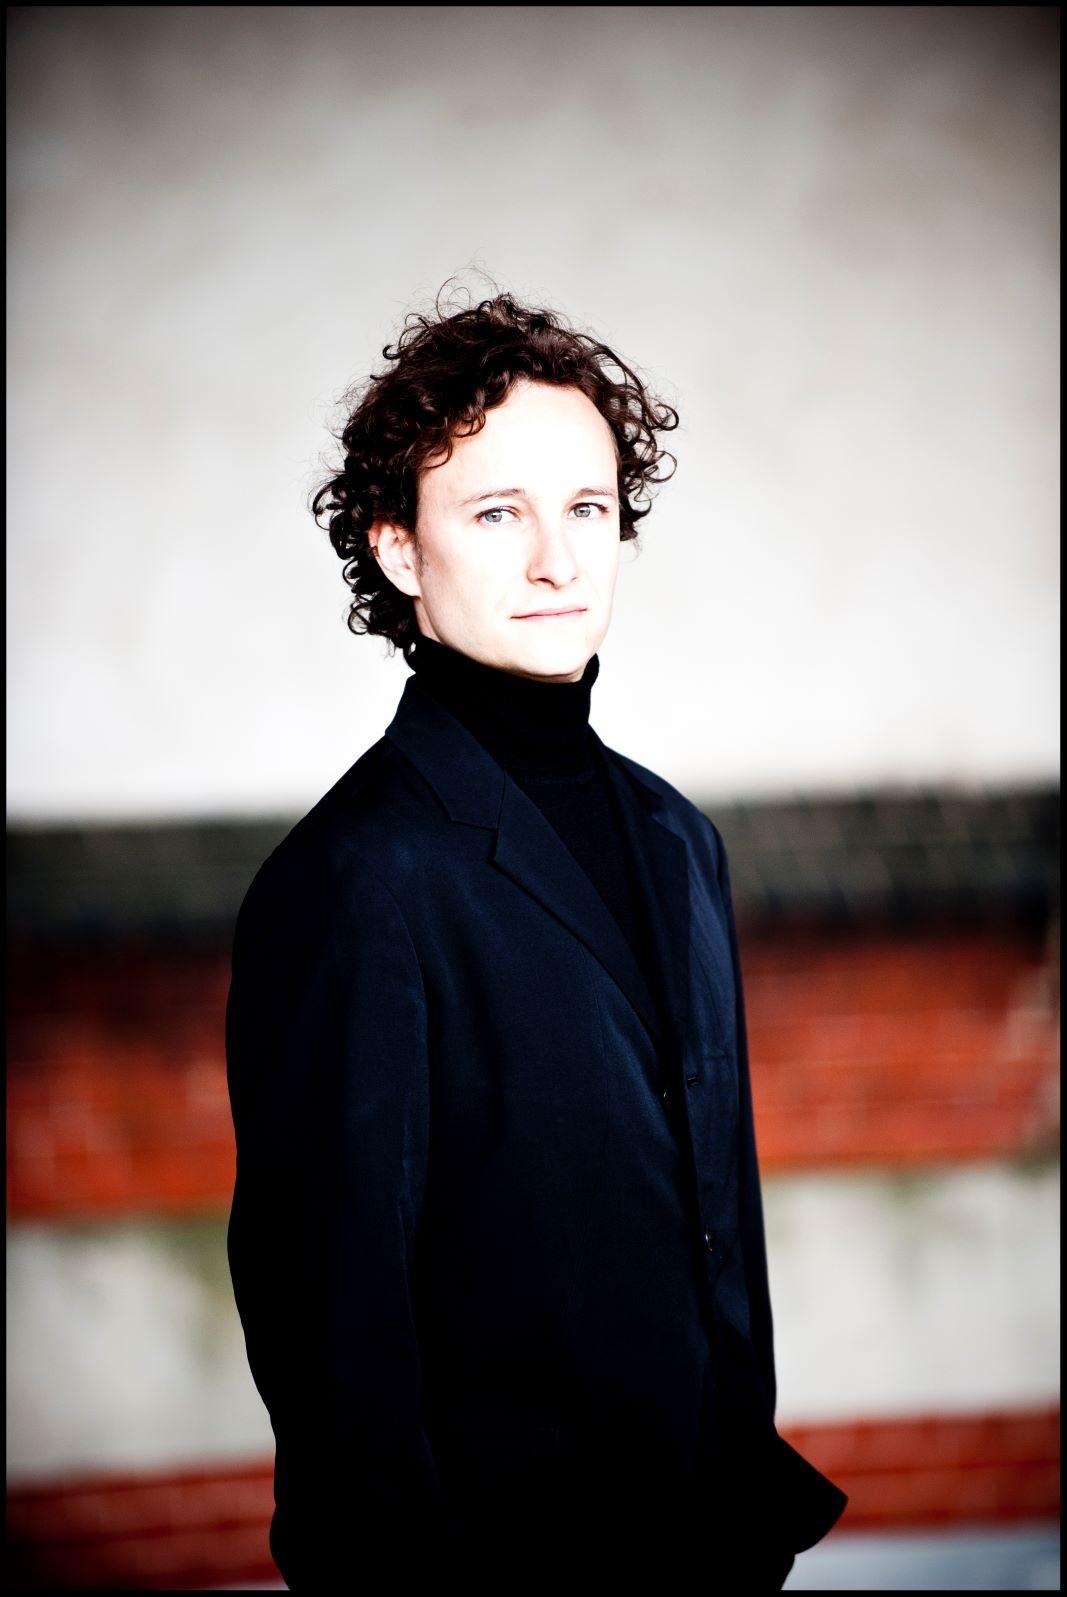 Мартин Хелмхен (снимка: Giorgia Bertazzi)